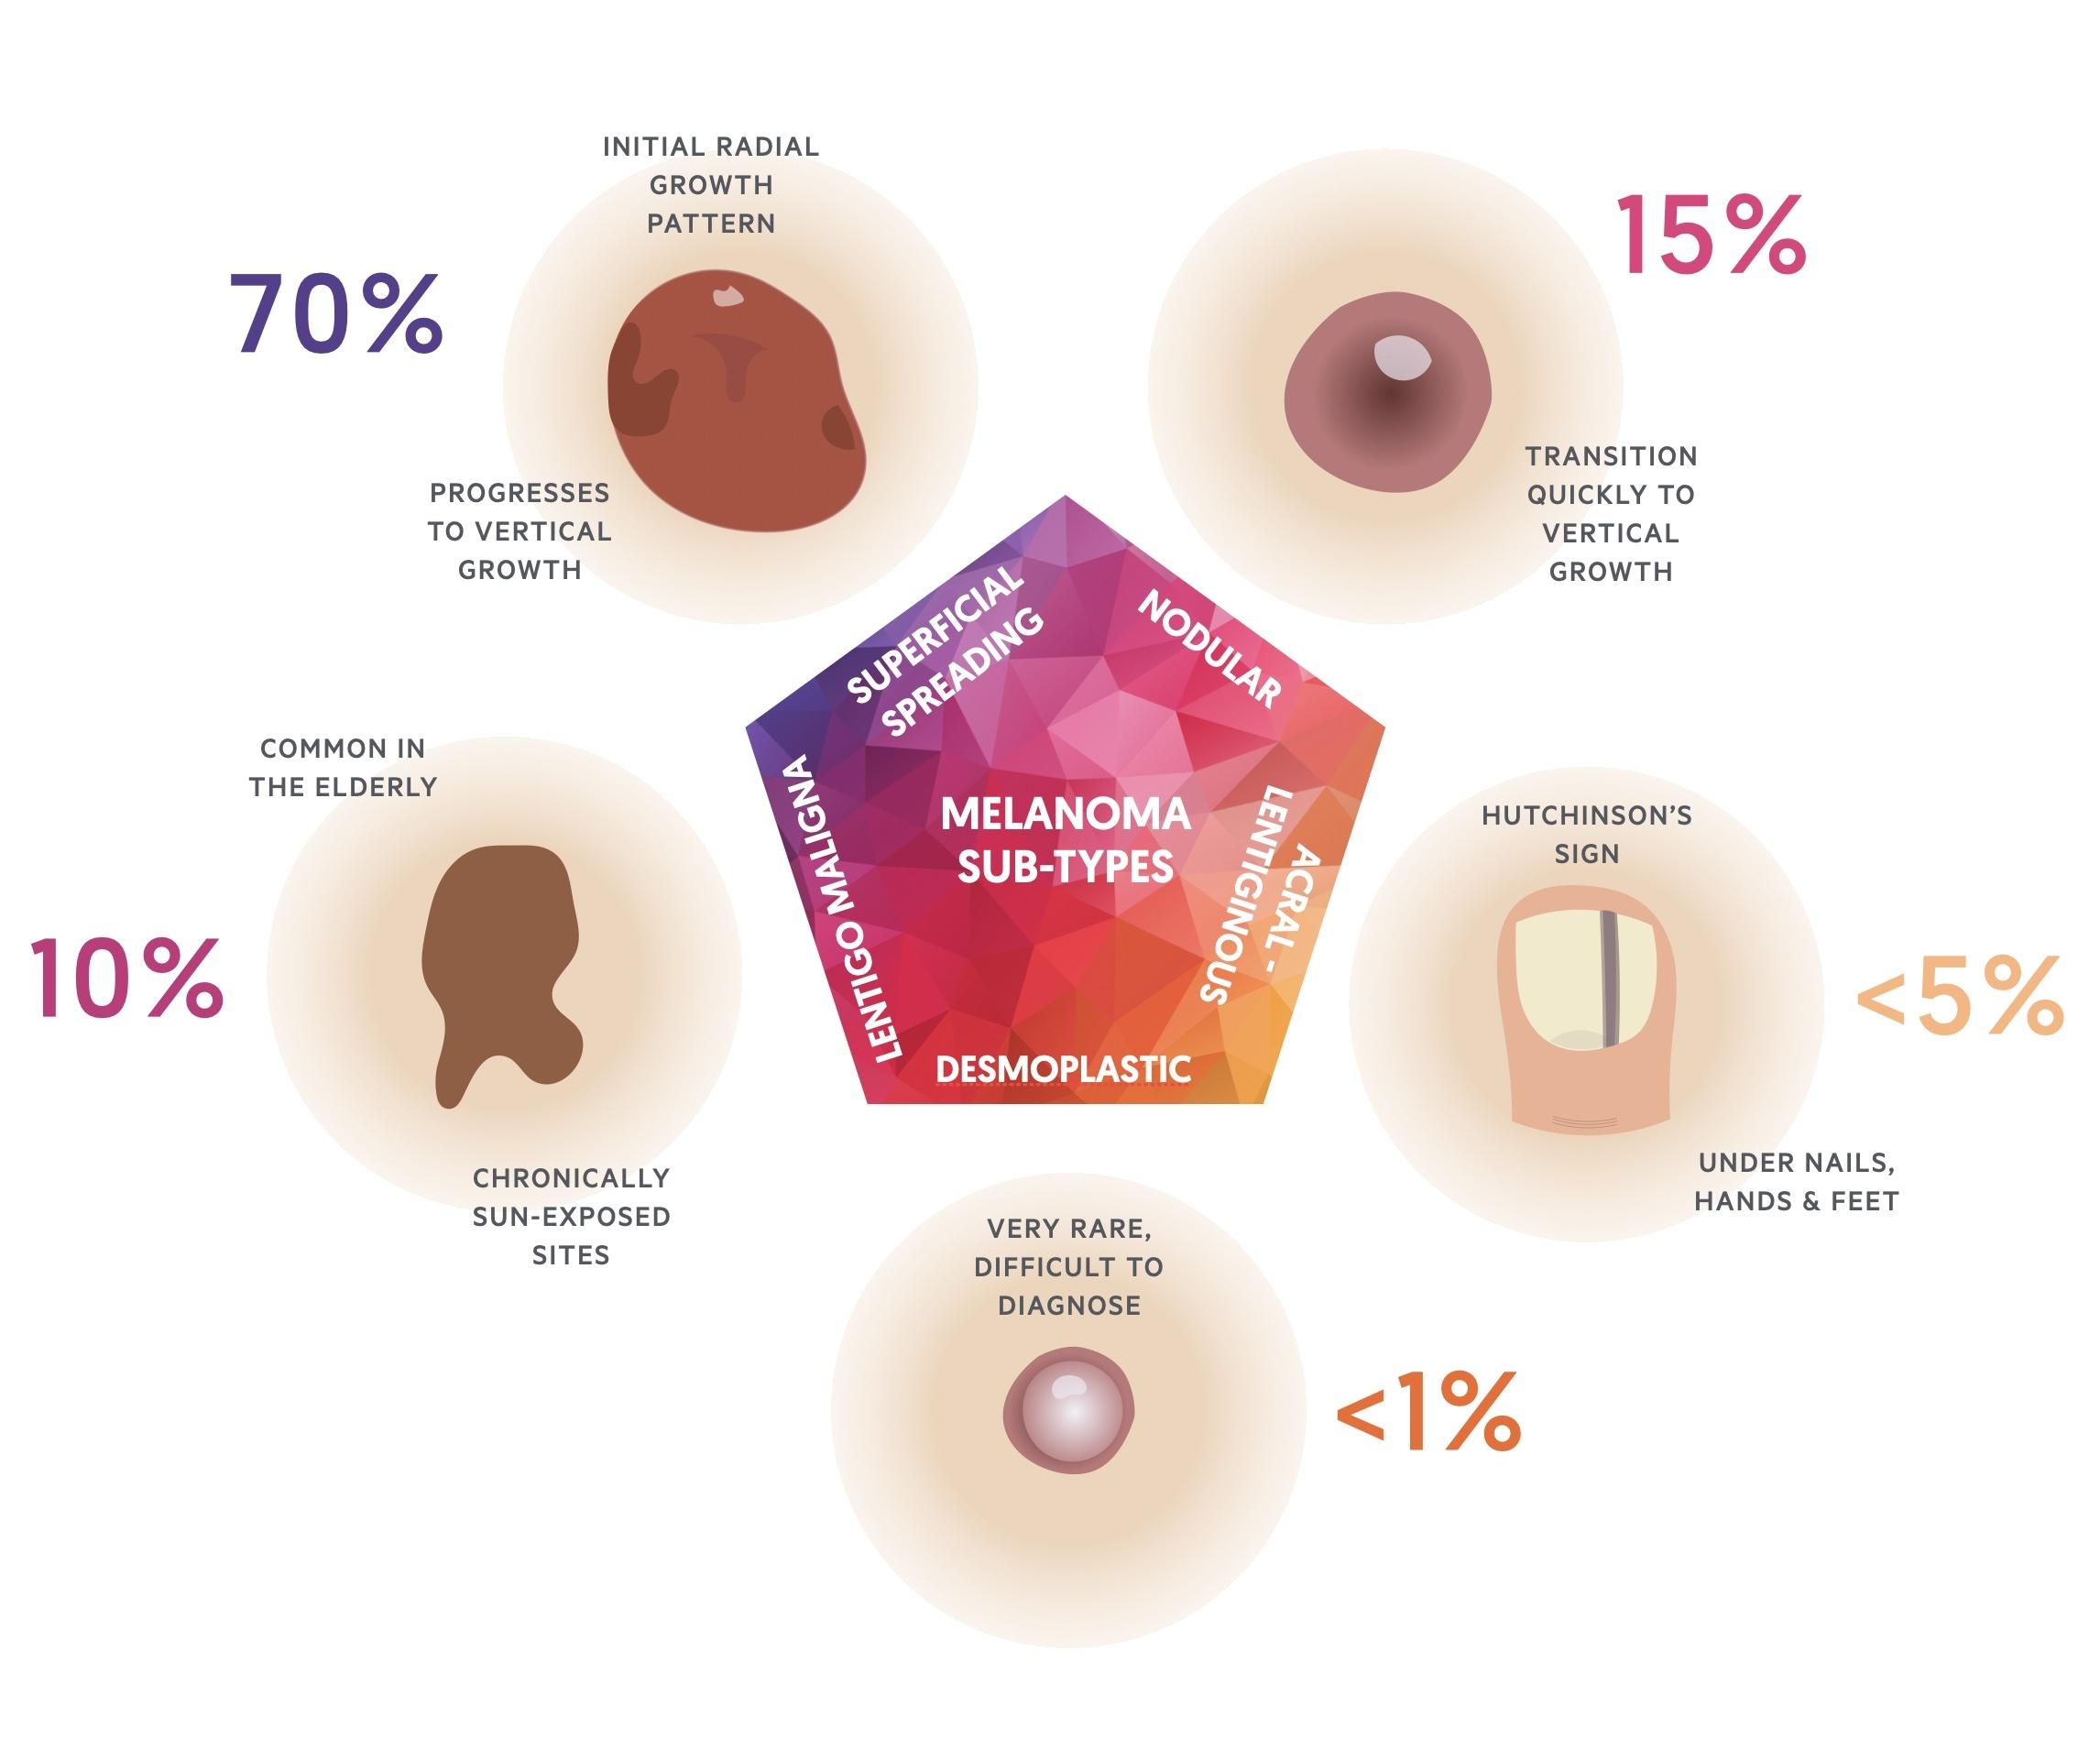 Melanoma sub-types